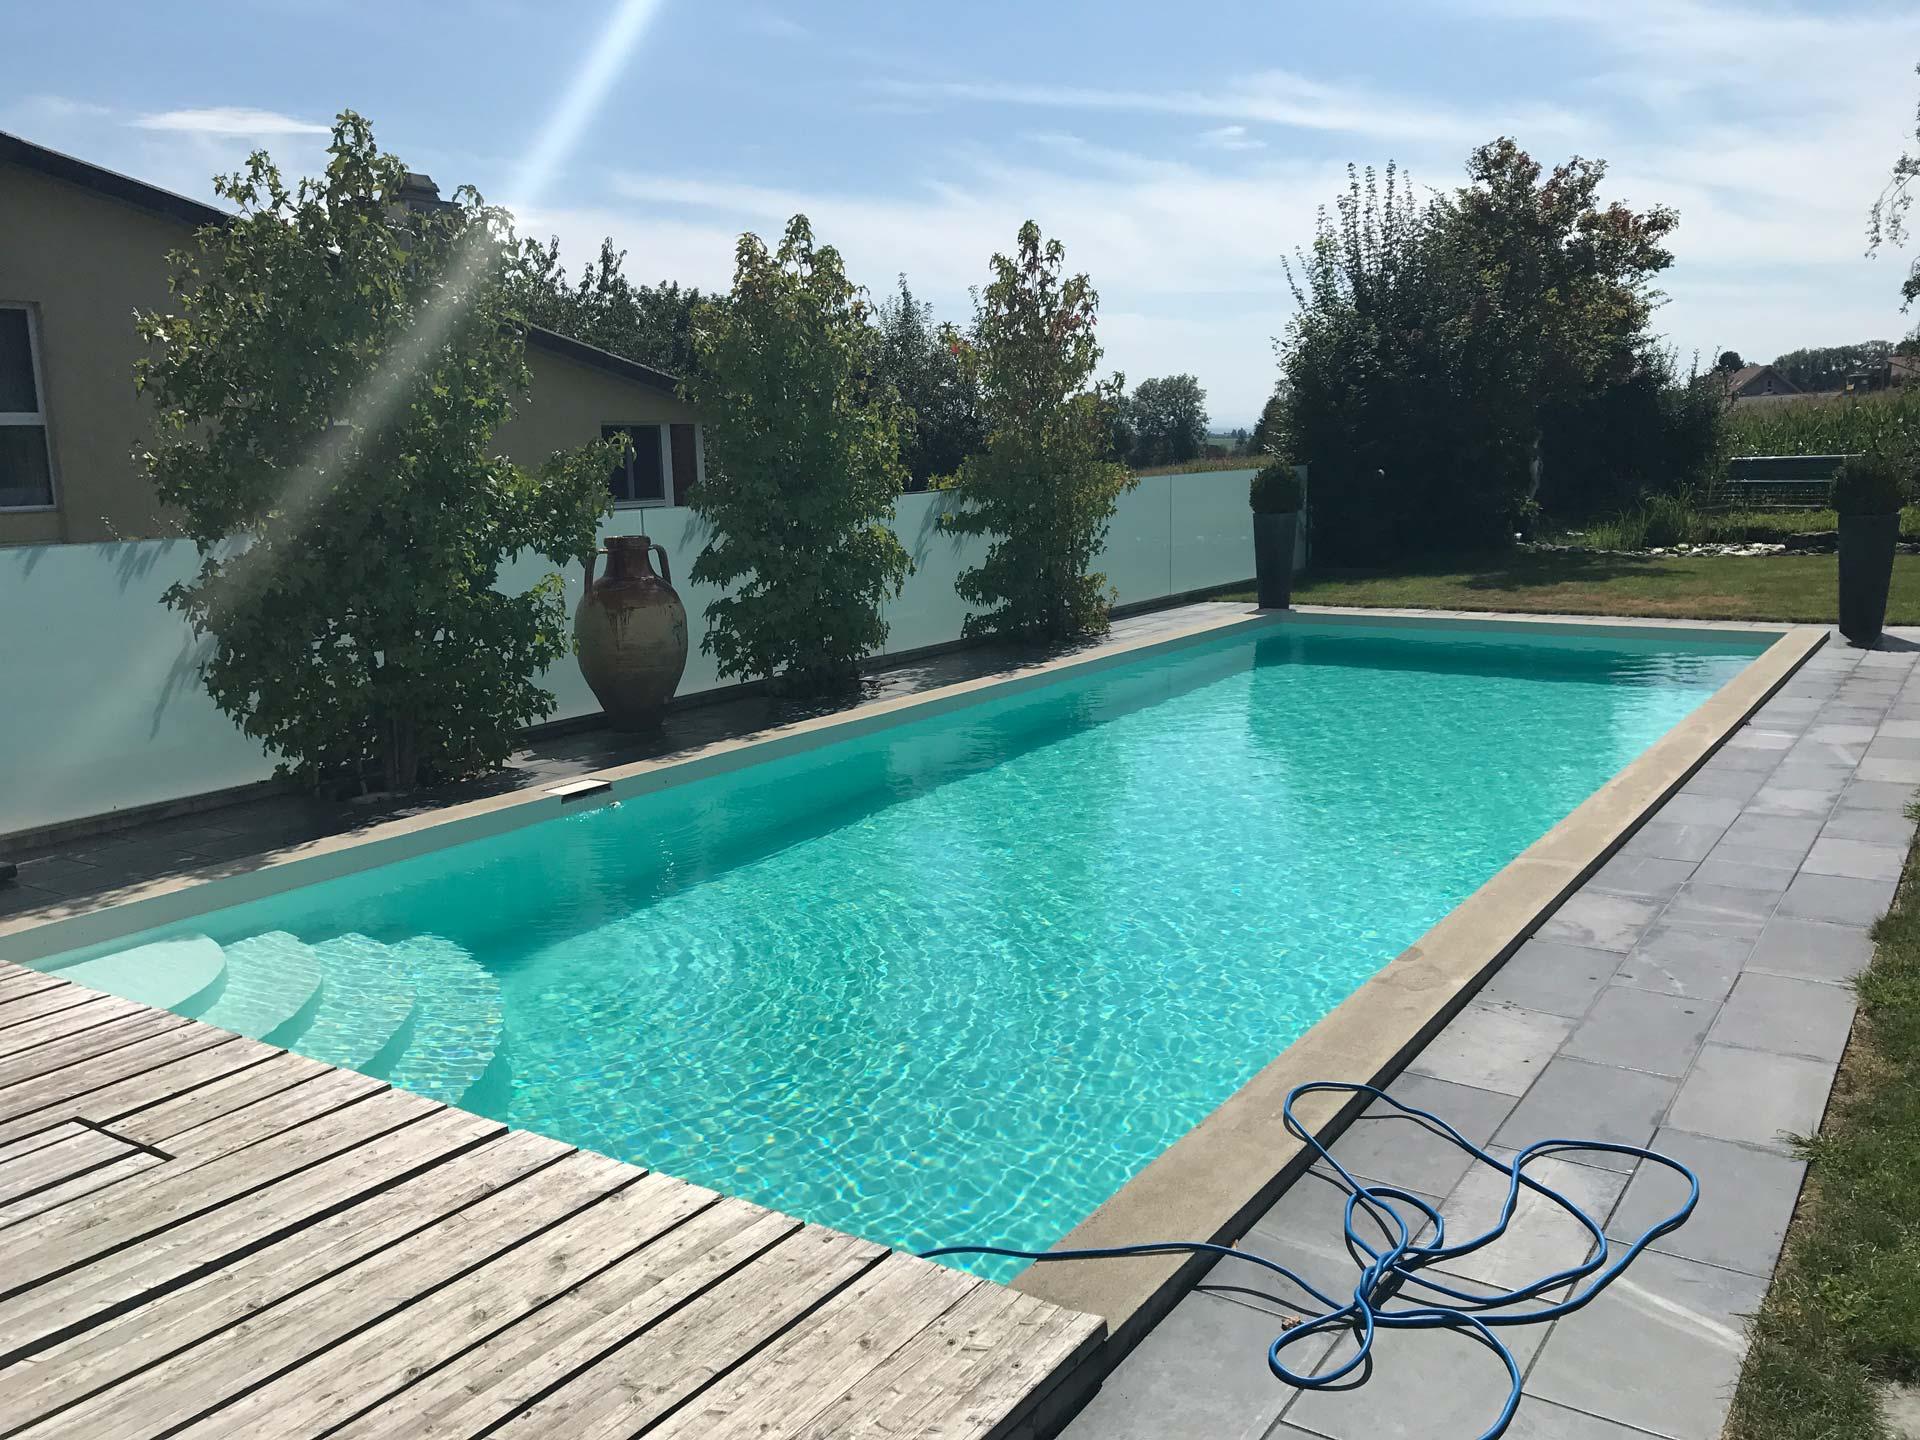 Poolbeschichtung | Gerolfingen | Wagner Maler GmbH